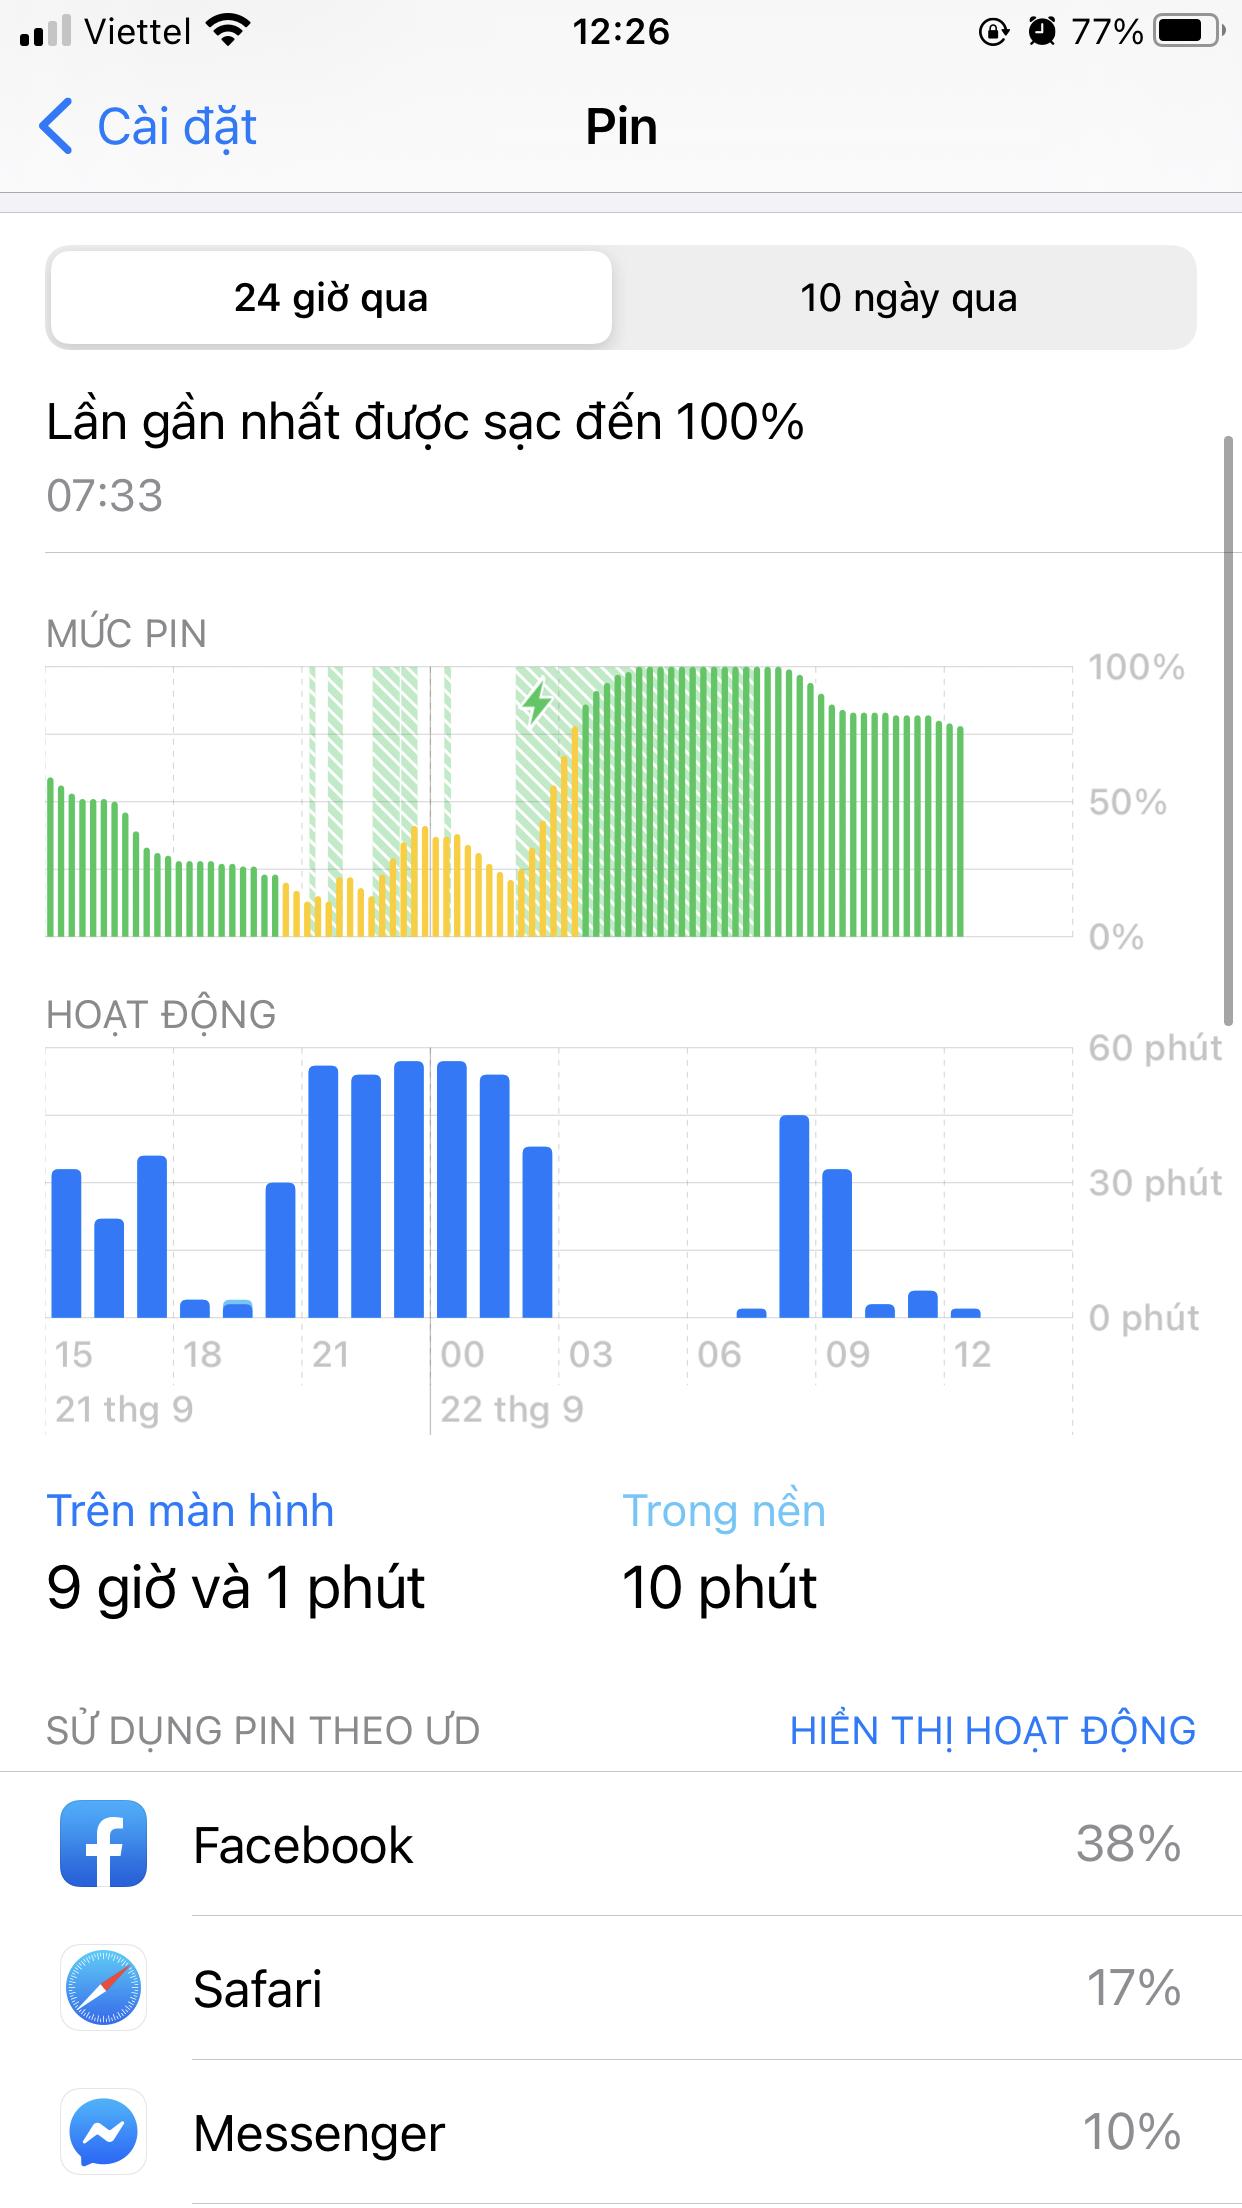 iOS 14 sụt pin nhanh như cách người yêu cũ trở mặt, làm thế nào để khắc phục? - Ảnh 2.